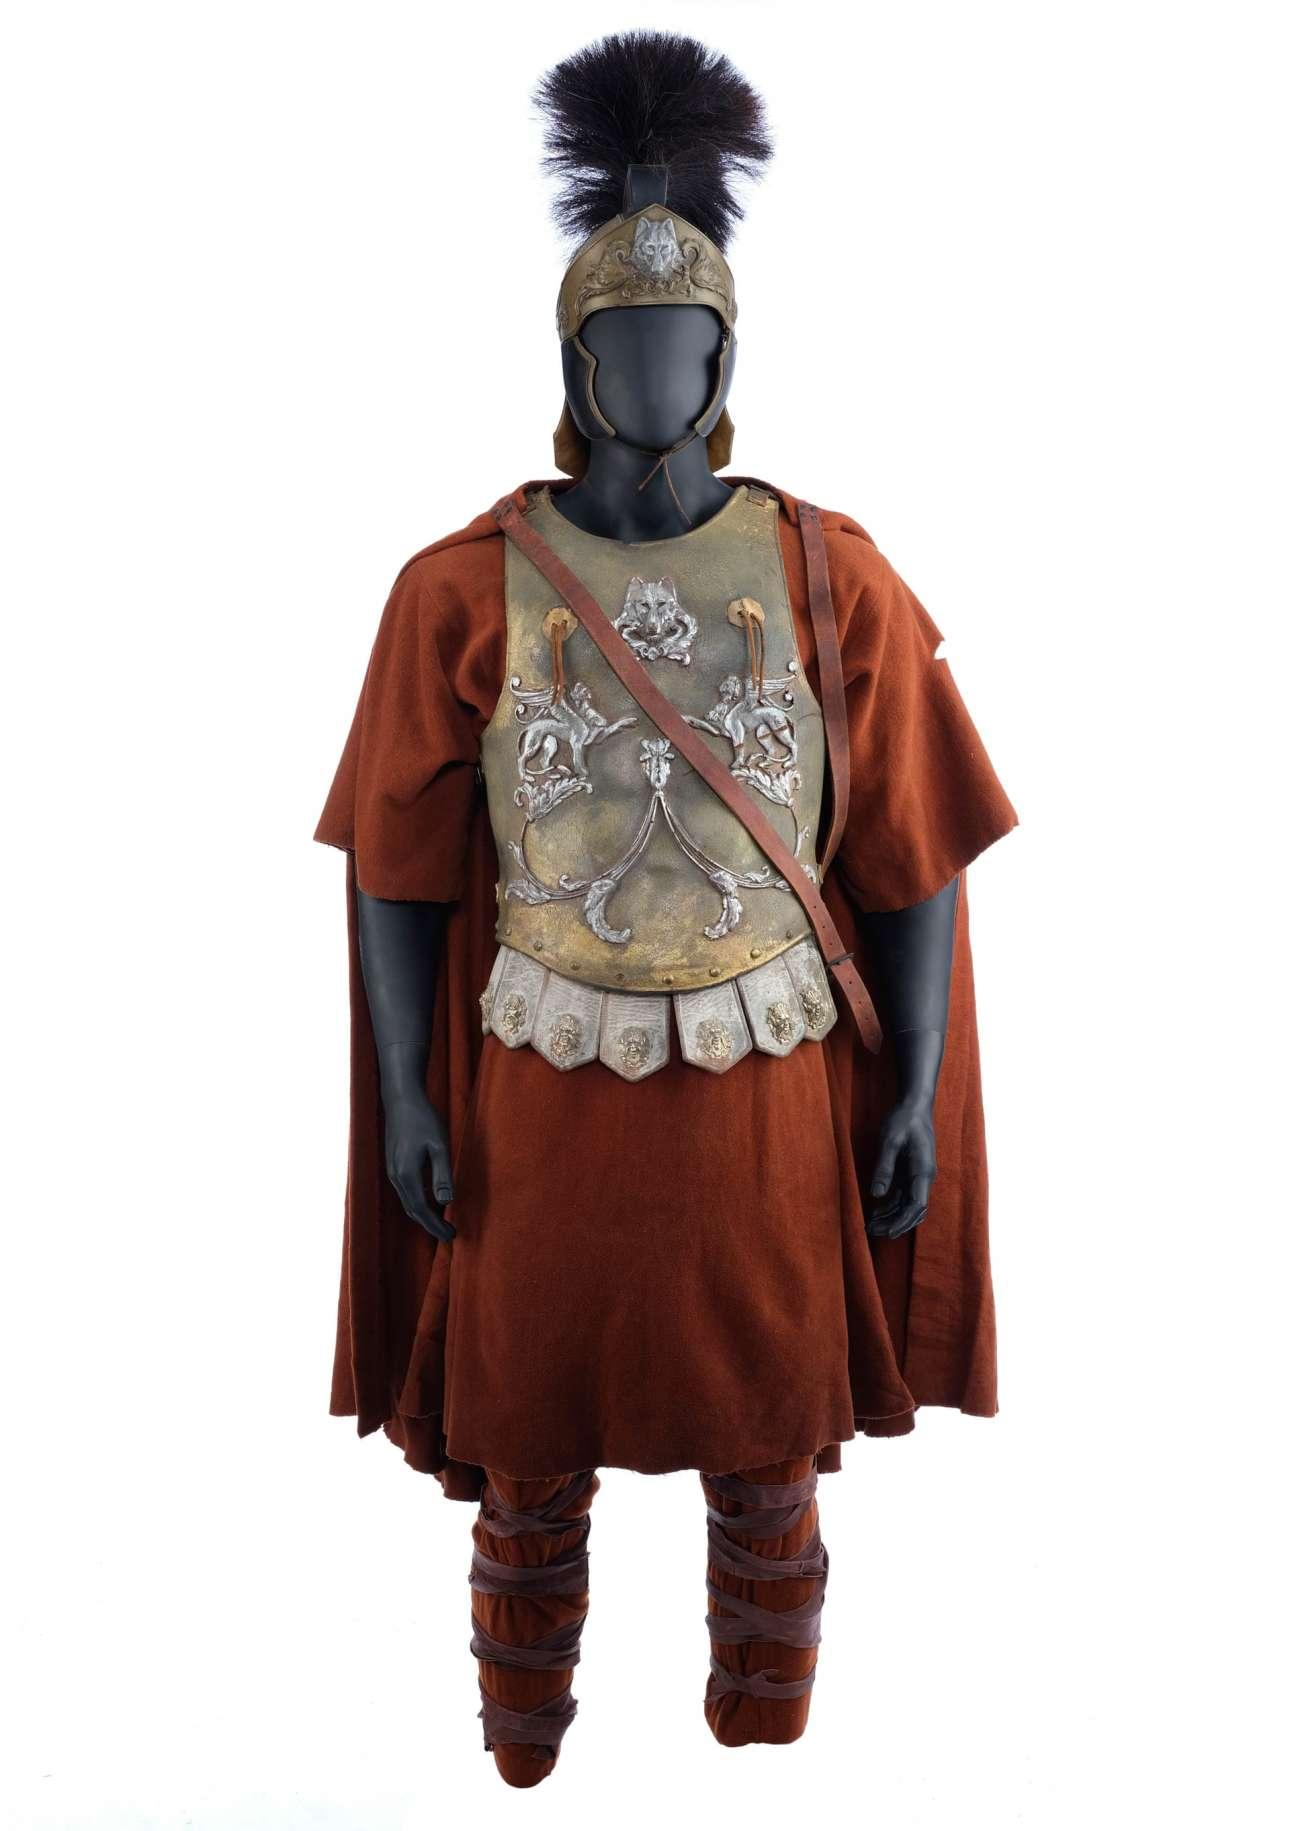 Το κοστούμι του Ράσελ Κρόου ως Μάξιμος, από την ταινία του Ρίντλεϊ Σκοτ «Ο Μονομάχος». Εκτίμηση: 20.000 - 35.000 ευρώ